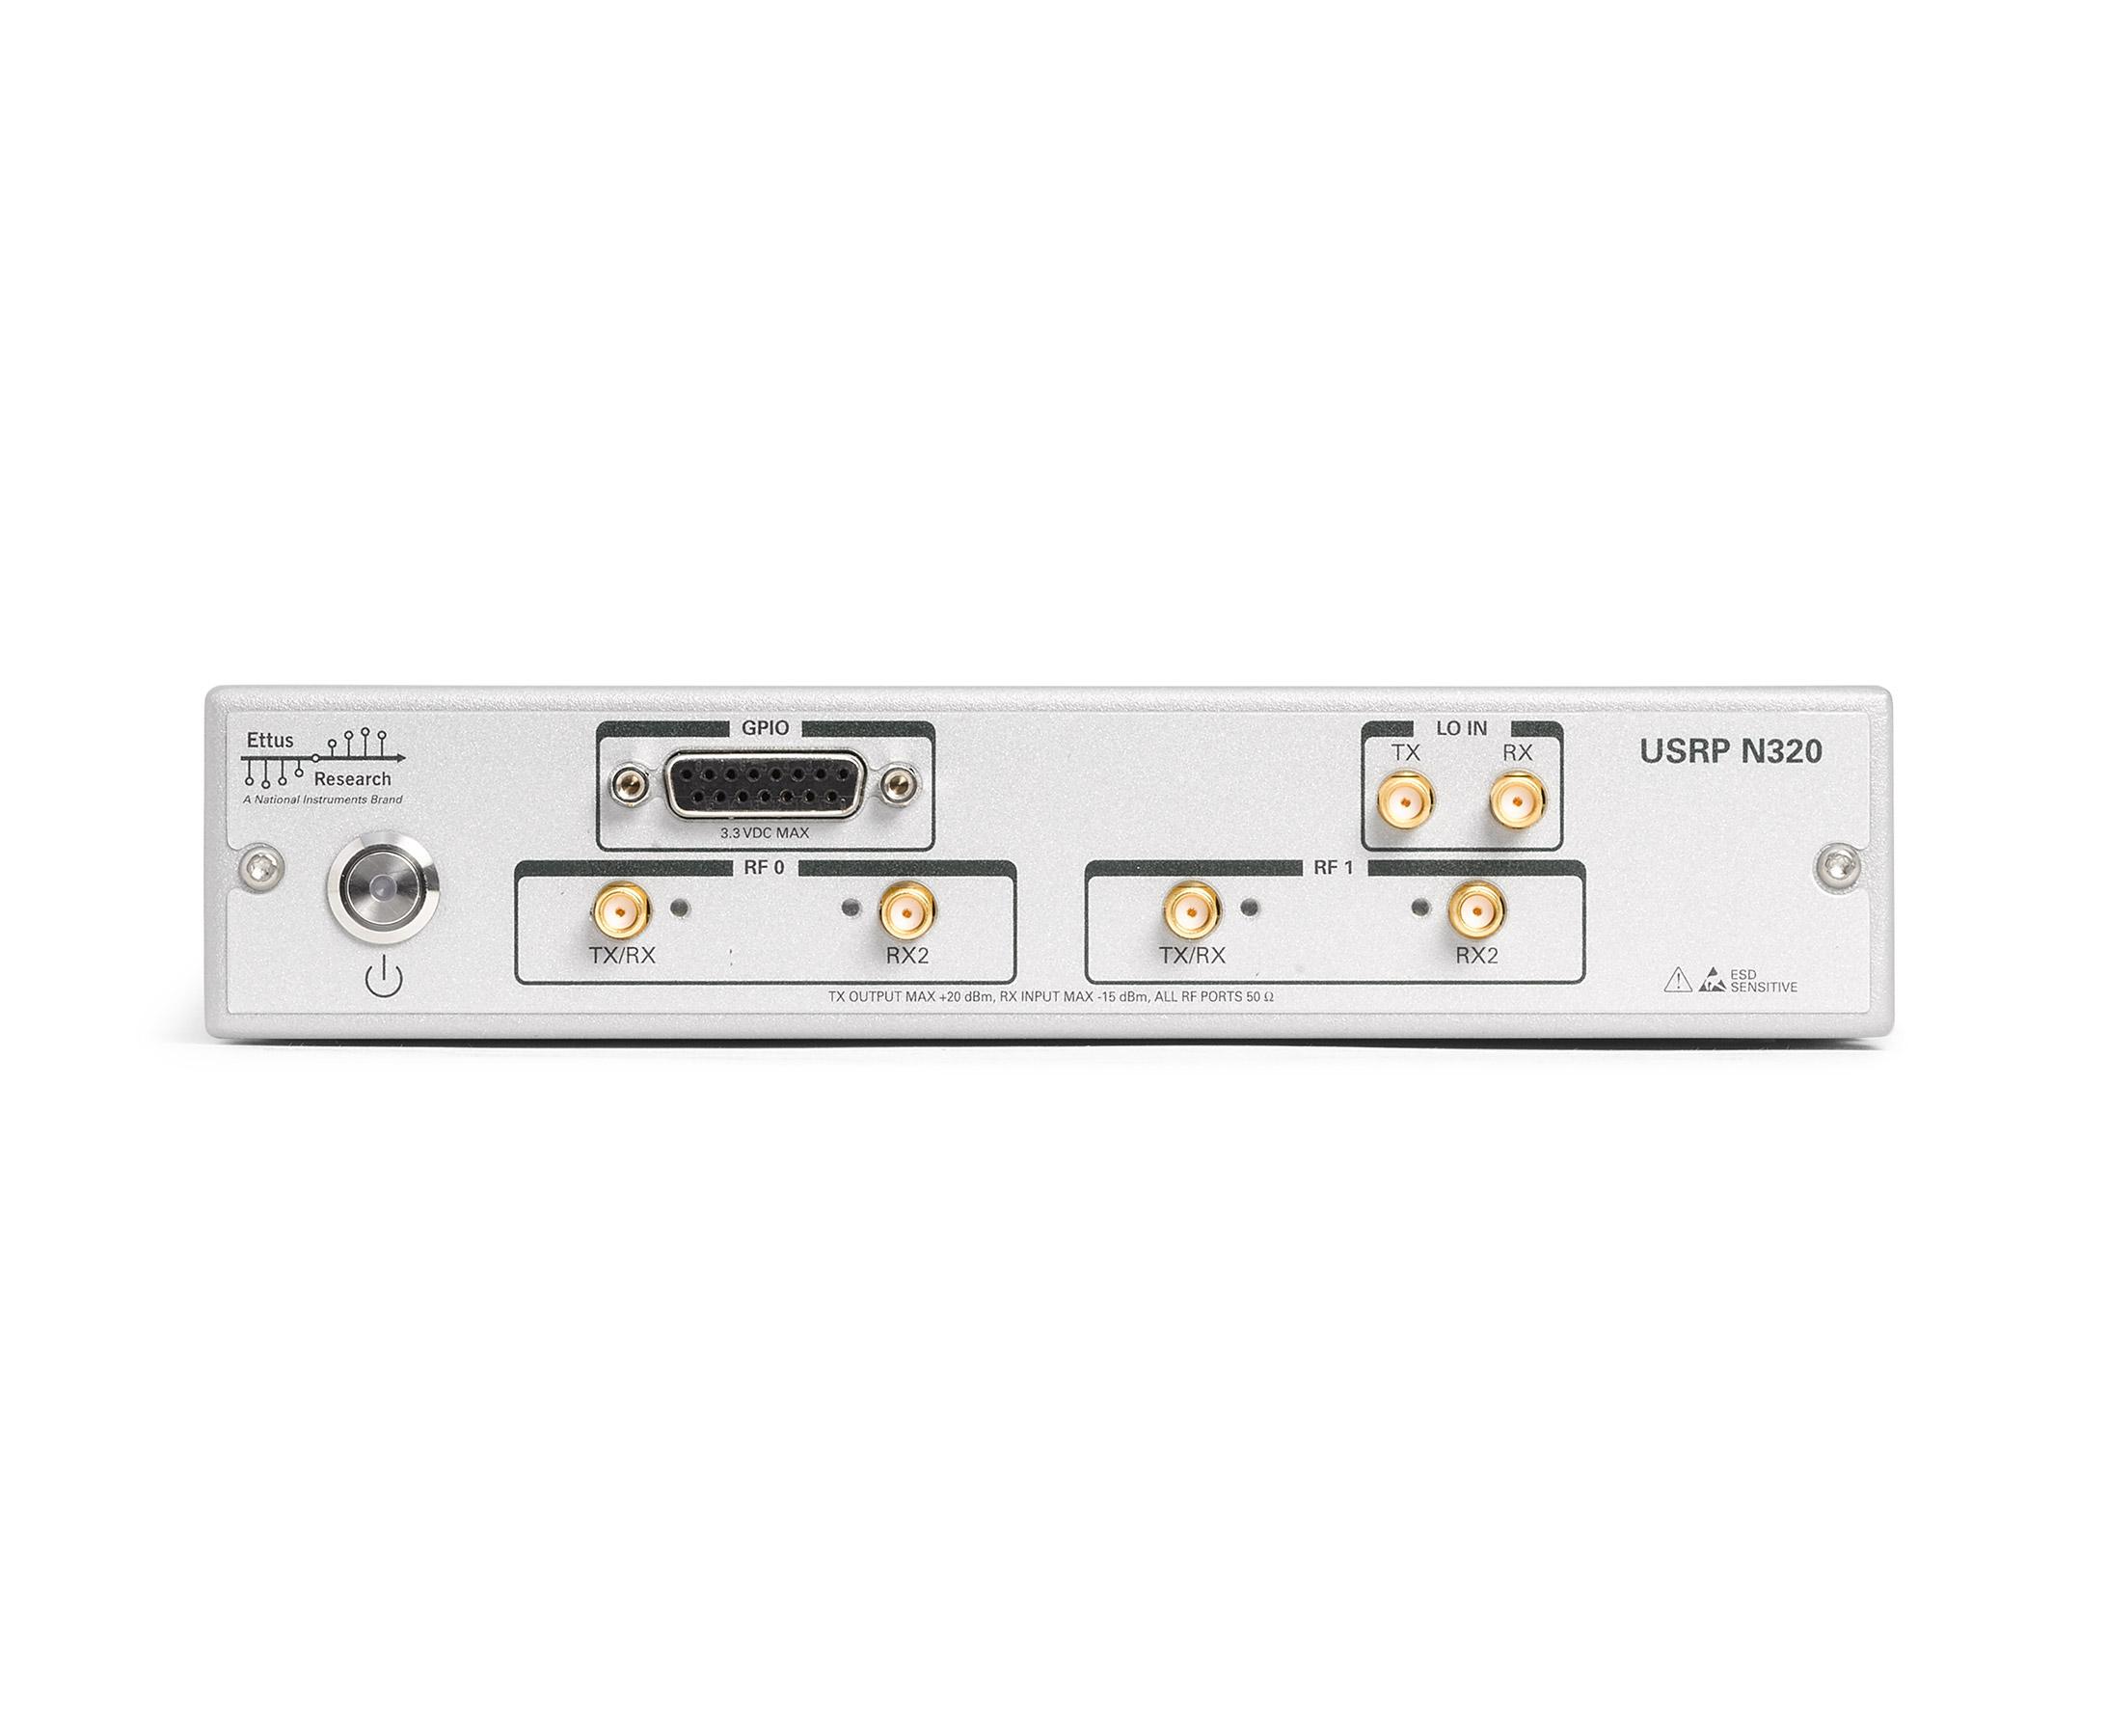 USRP N320 Front panel